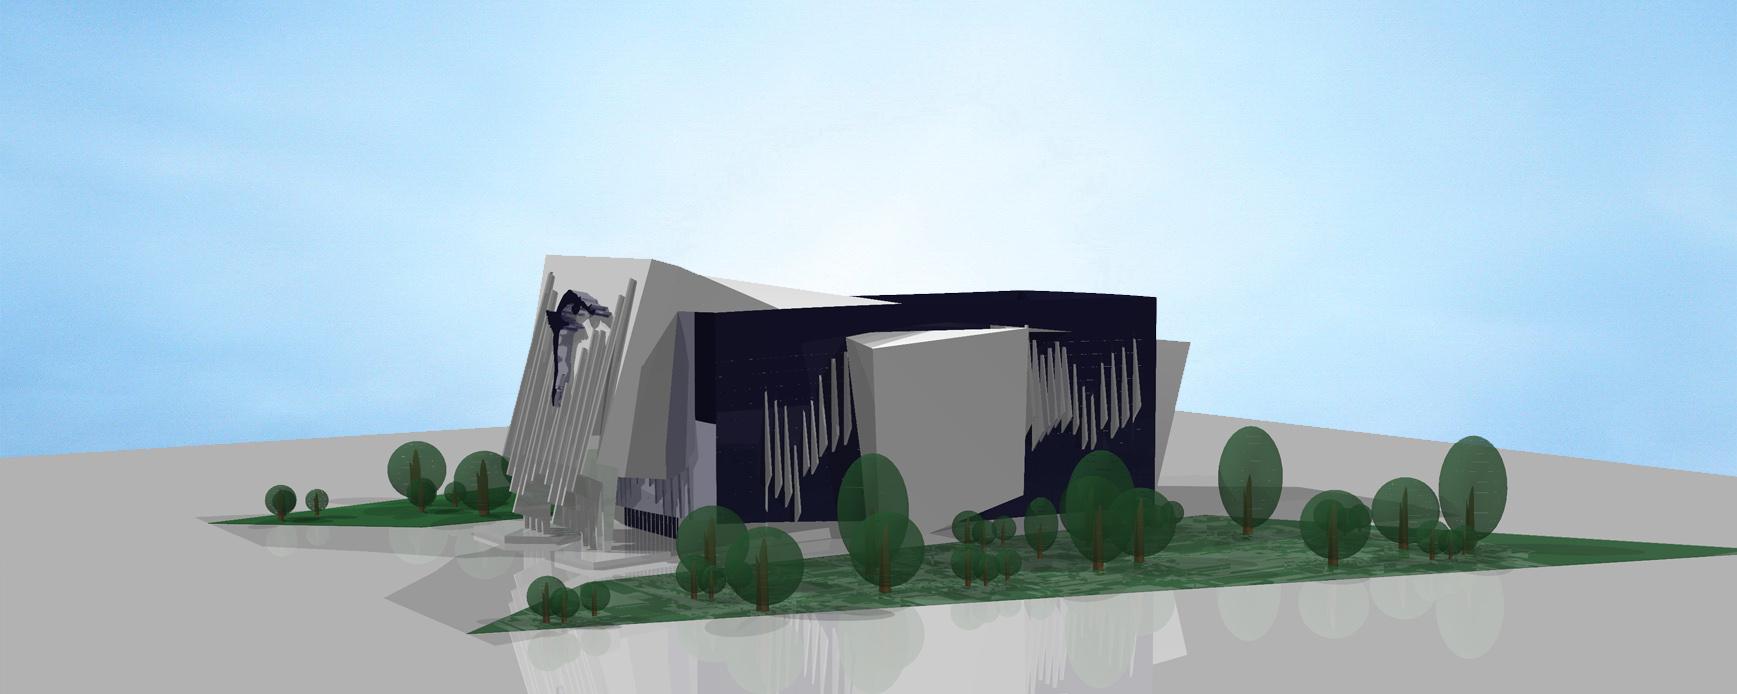 Разработка архитектурной концепции театра оперы и балета фото f_59152f681ae0e7e6.jpg